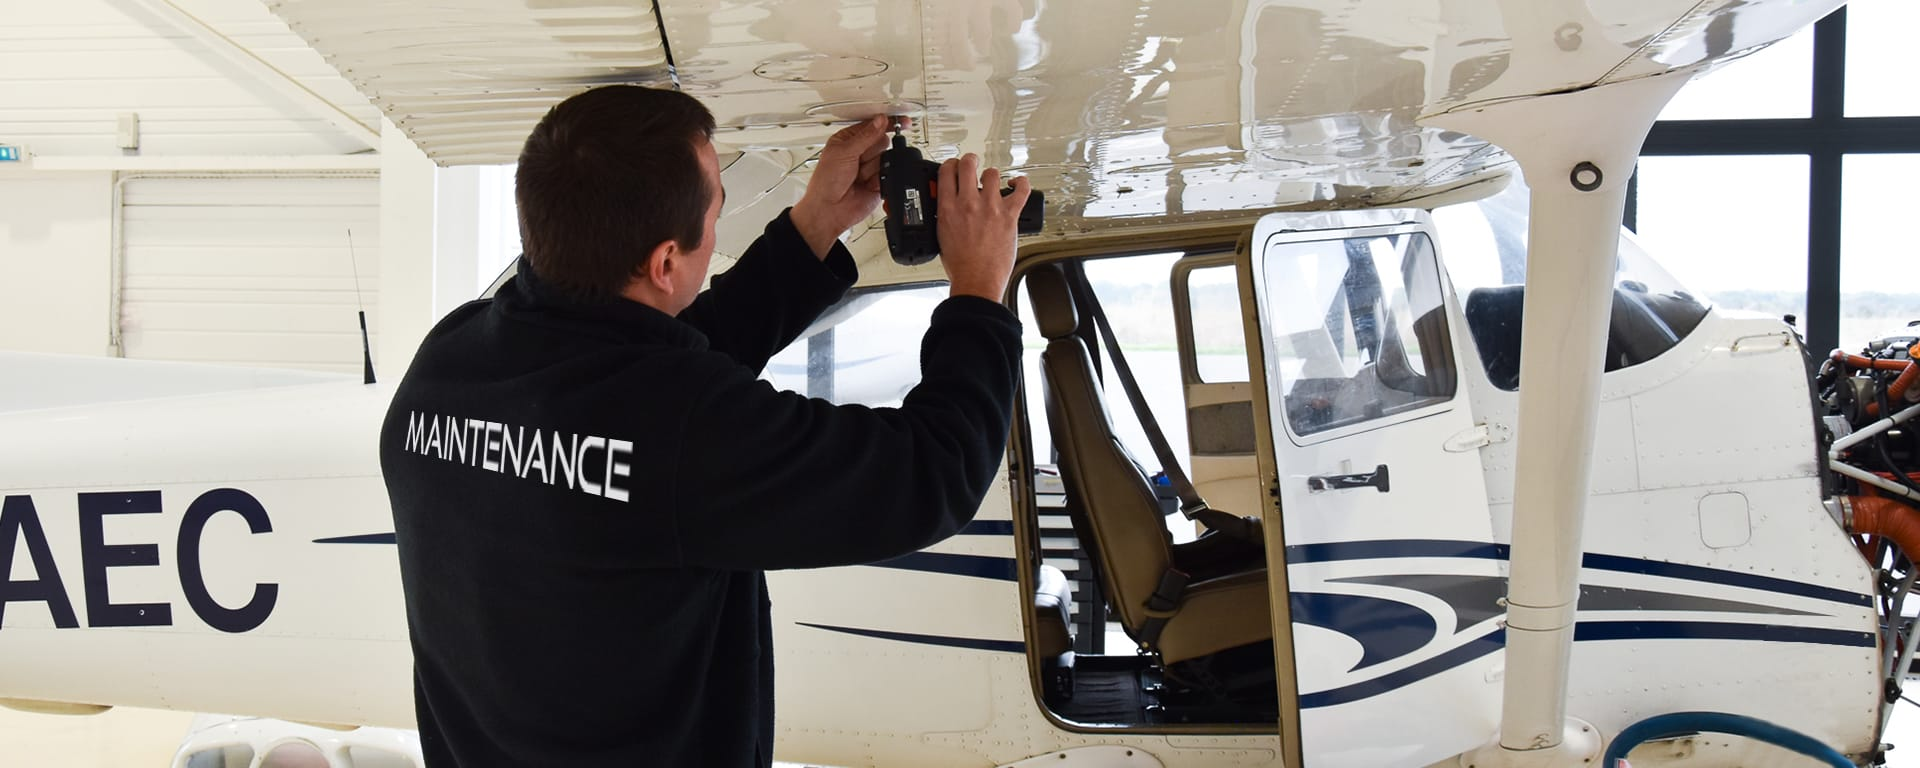 Centre de maintenance avion